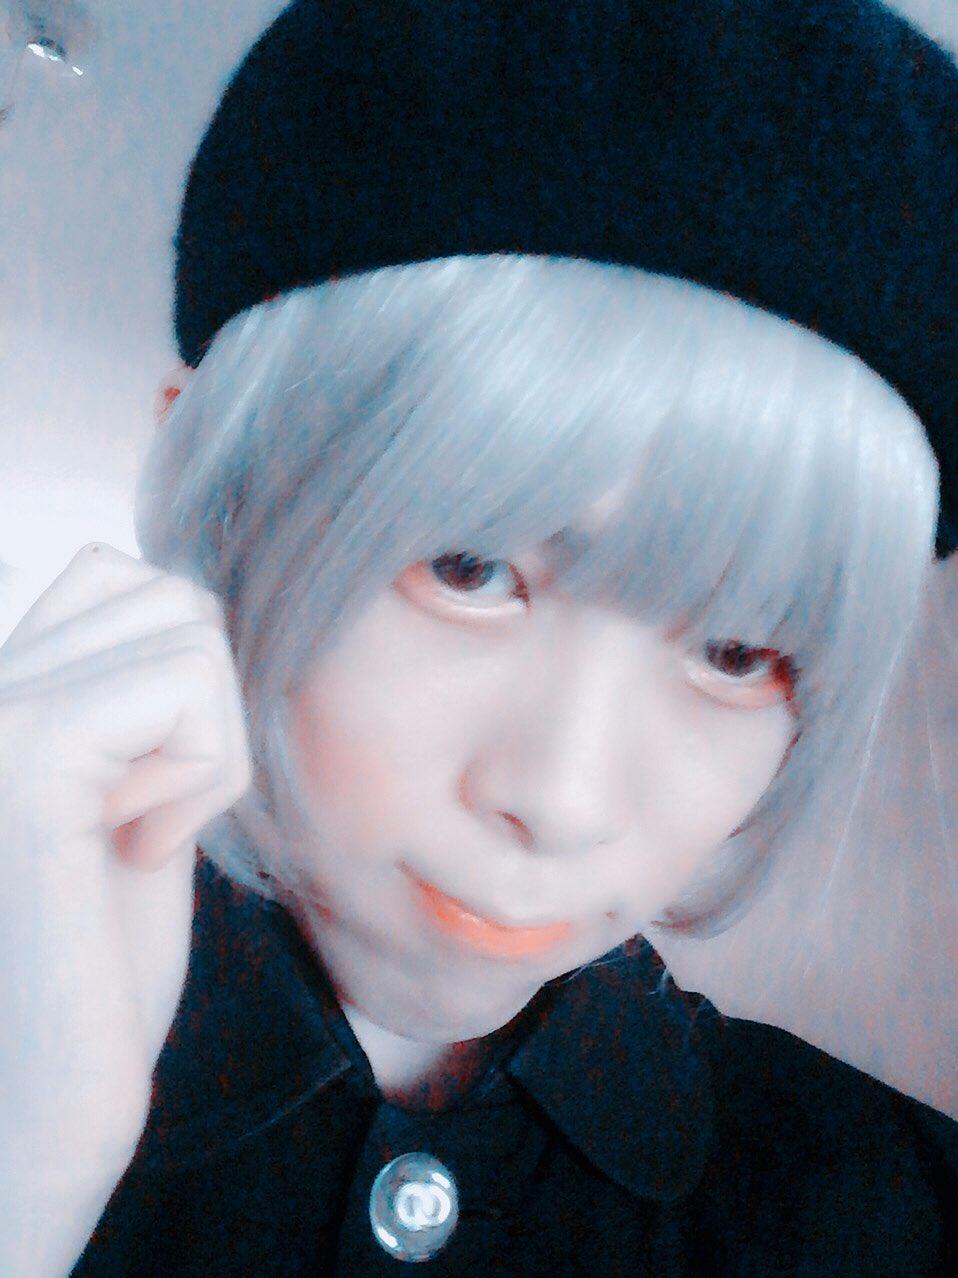 CteT4Y_UIAAFX8Y